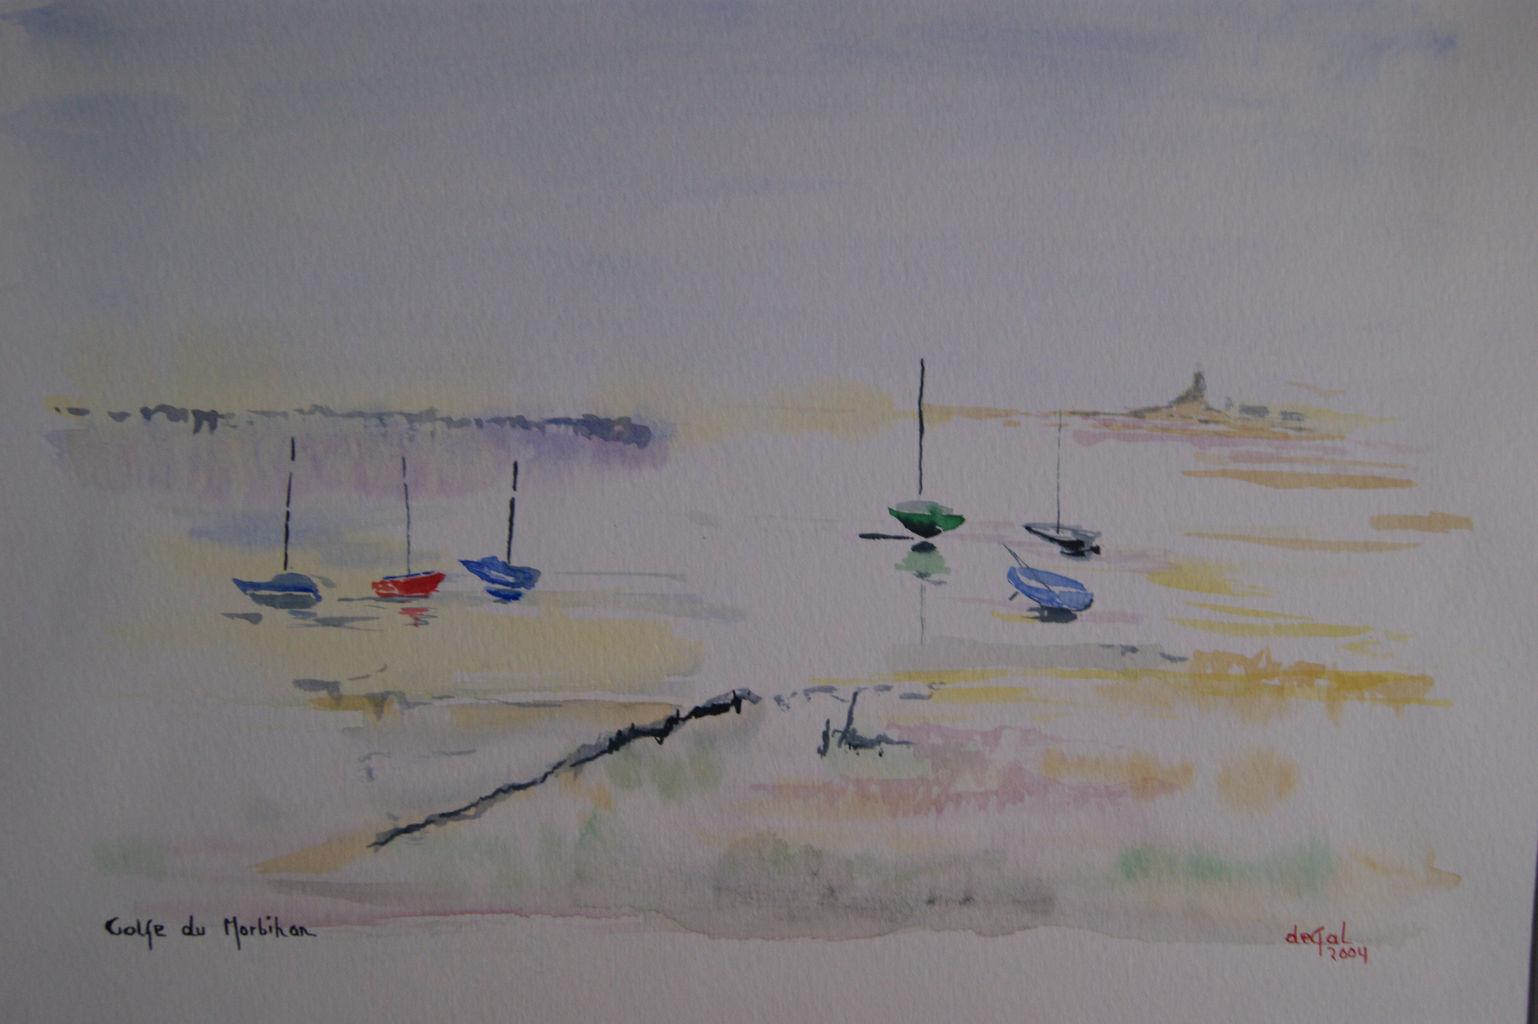 Golfe du Morbihan 2